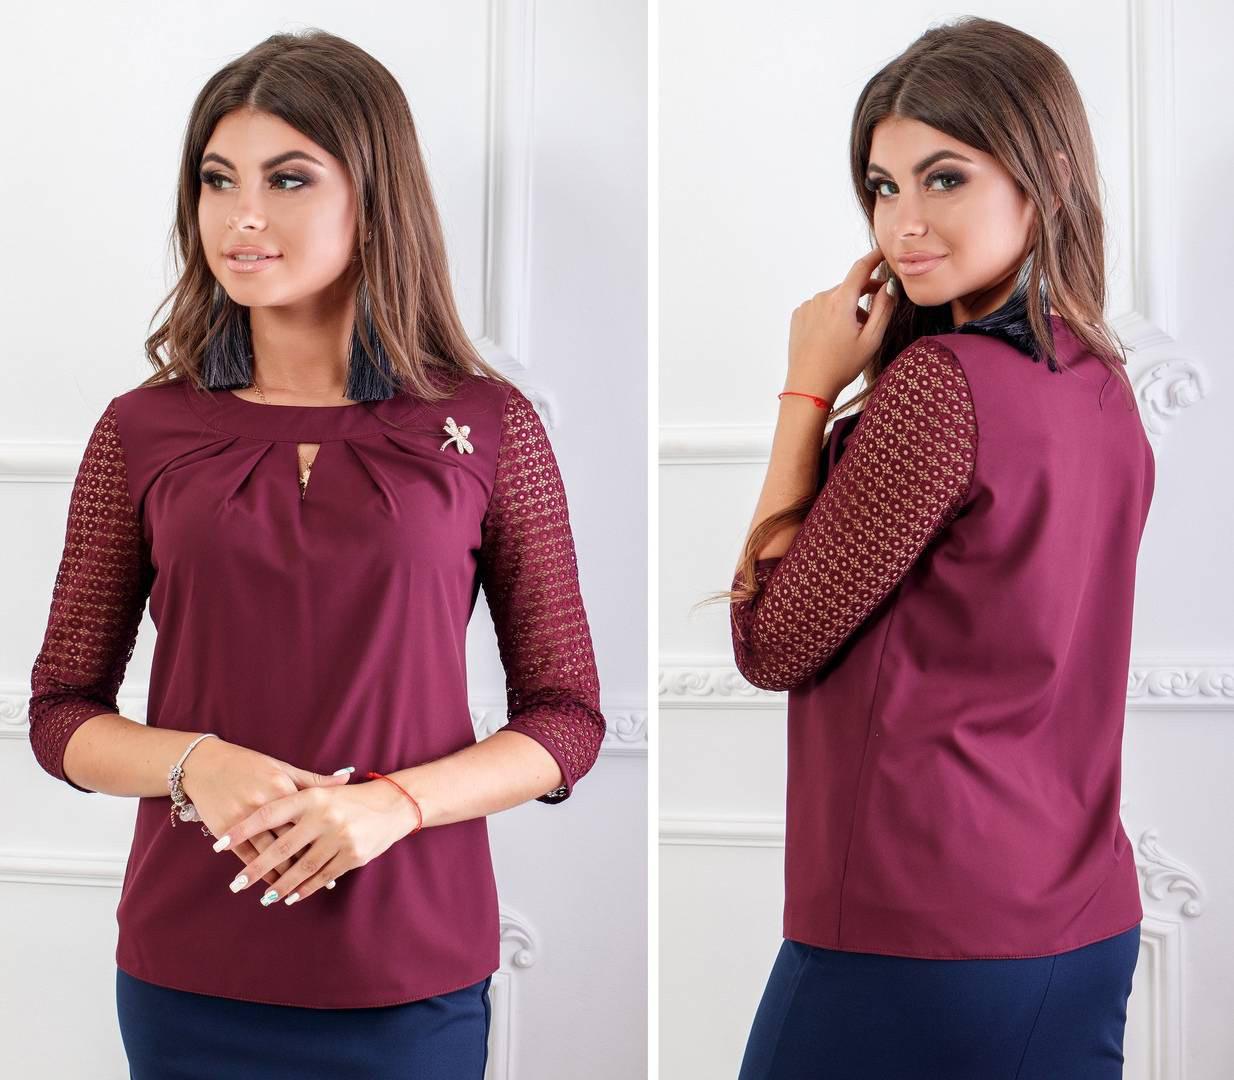 Блуза с кружевными рукавам и брошкой, бенгалин, новинка 2018, модель 122, цвет - слива